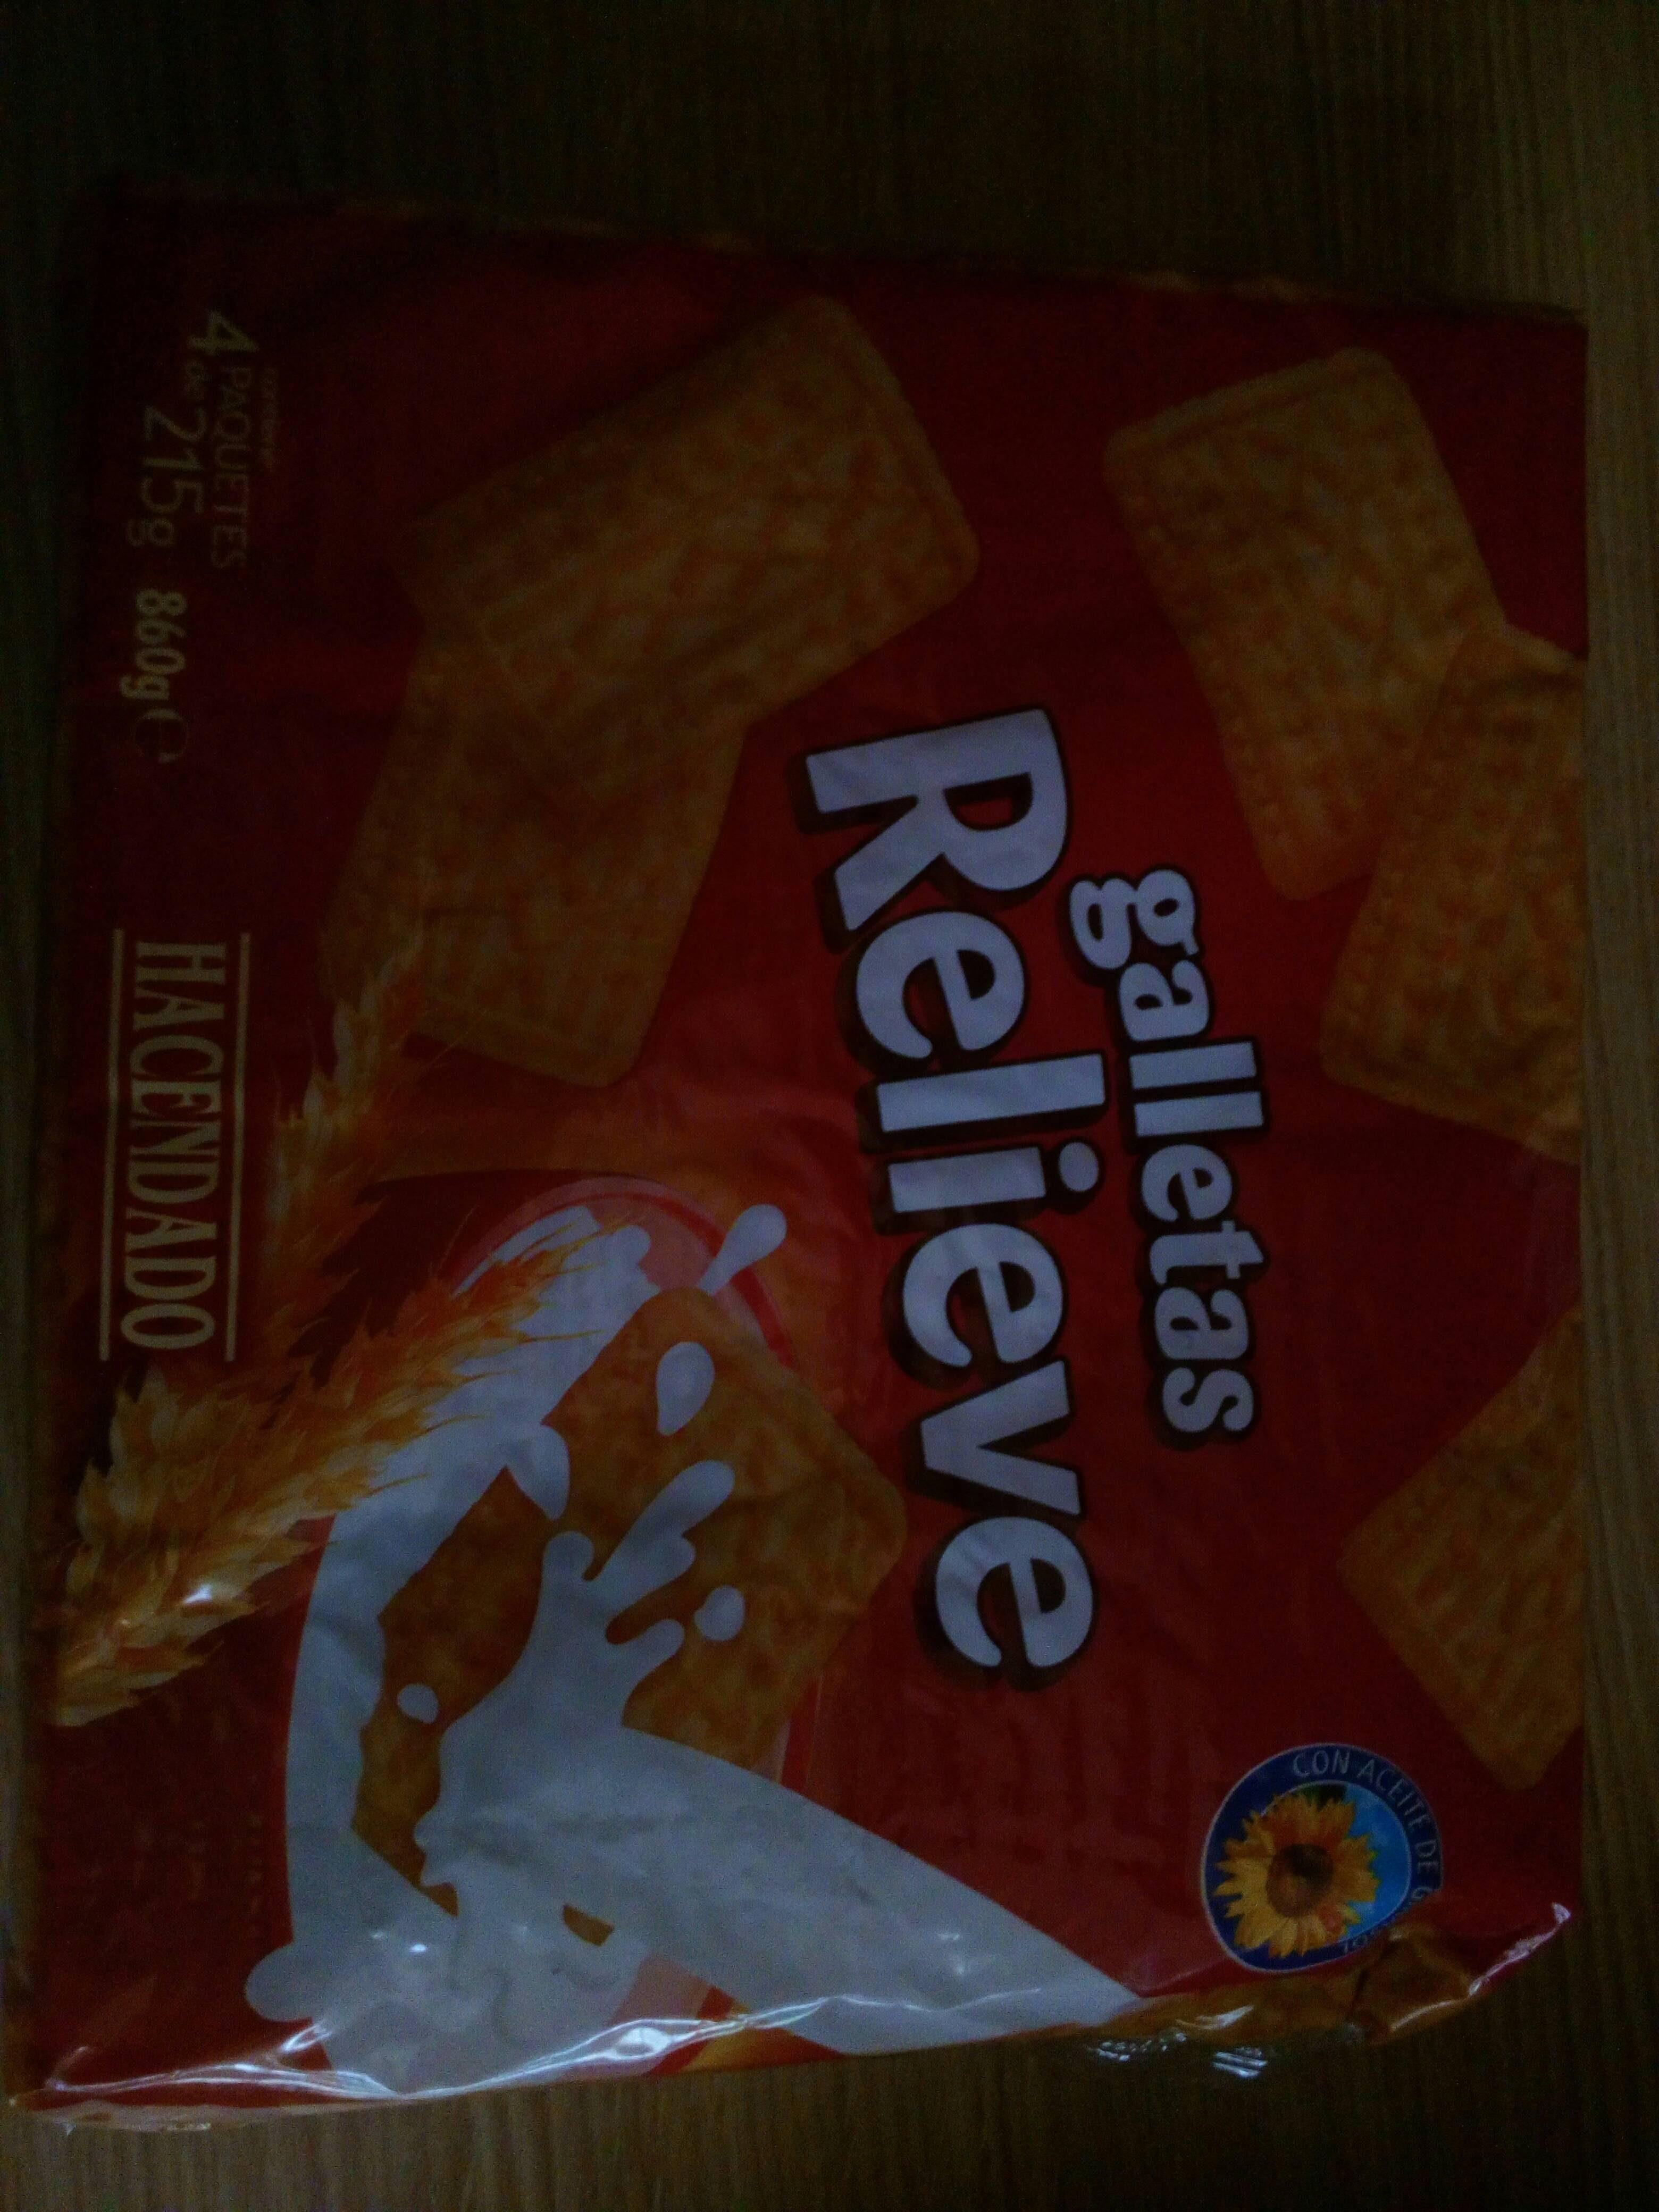 Kcal galletas relieve hacendado